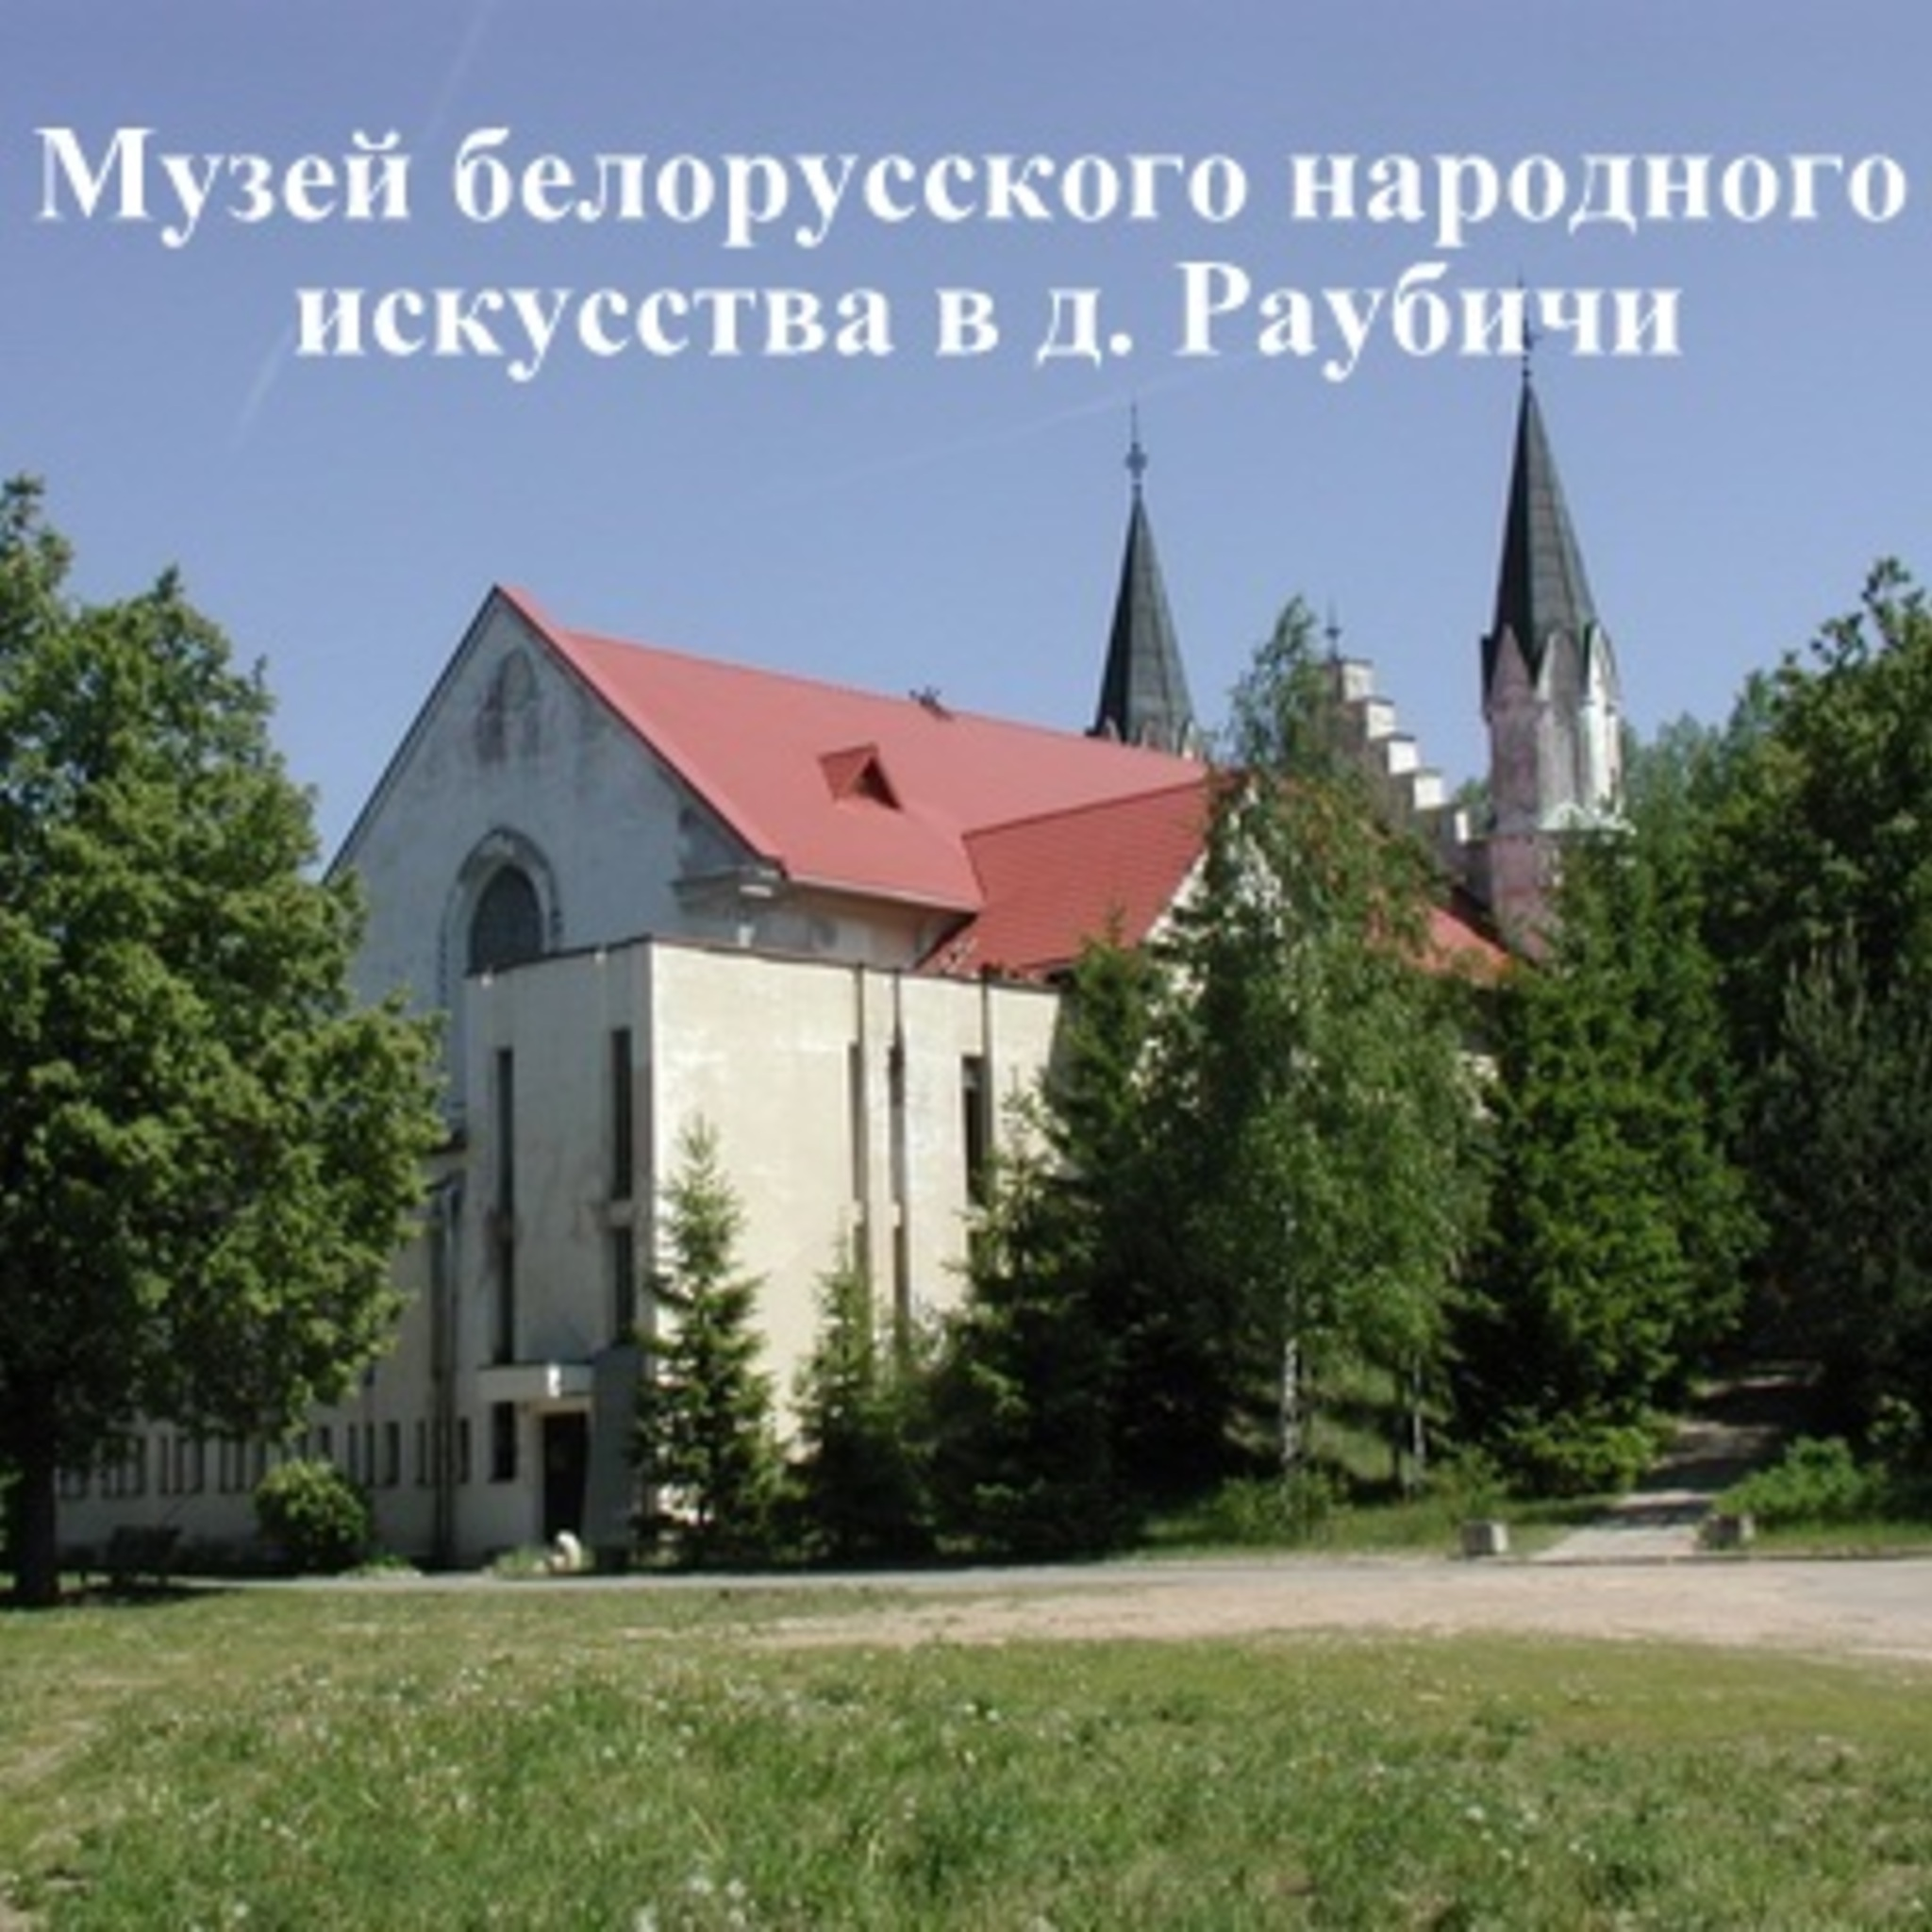 Музей белорусского народного искусства в д. Раубичи